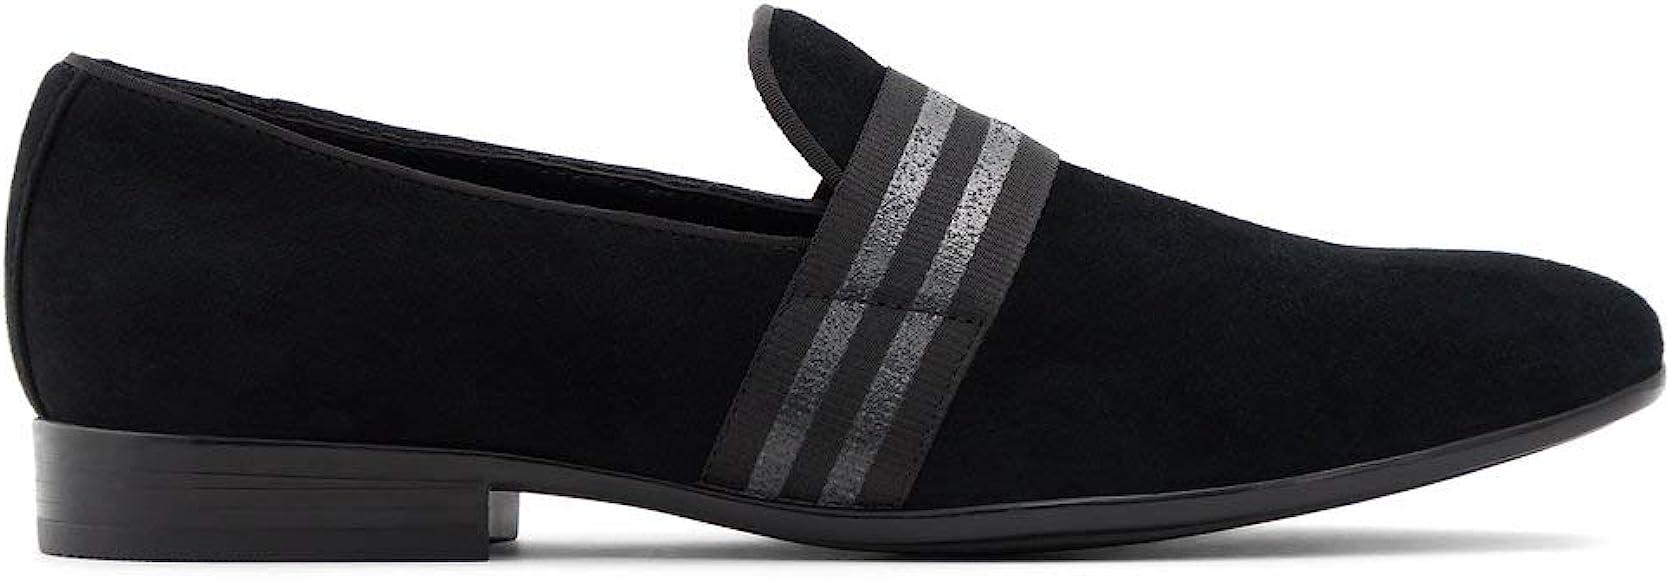 ALDO Men's Asaria Slip-On Dress Loafer